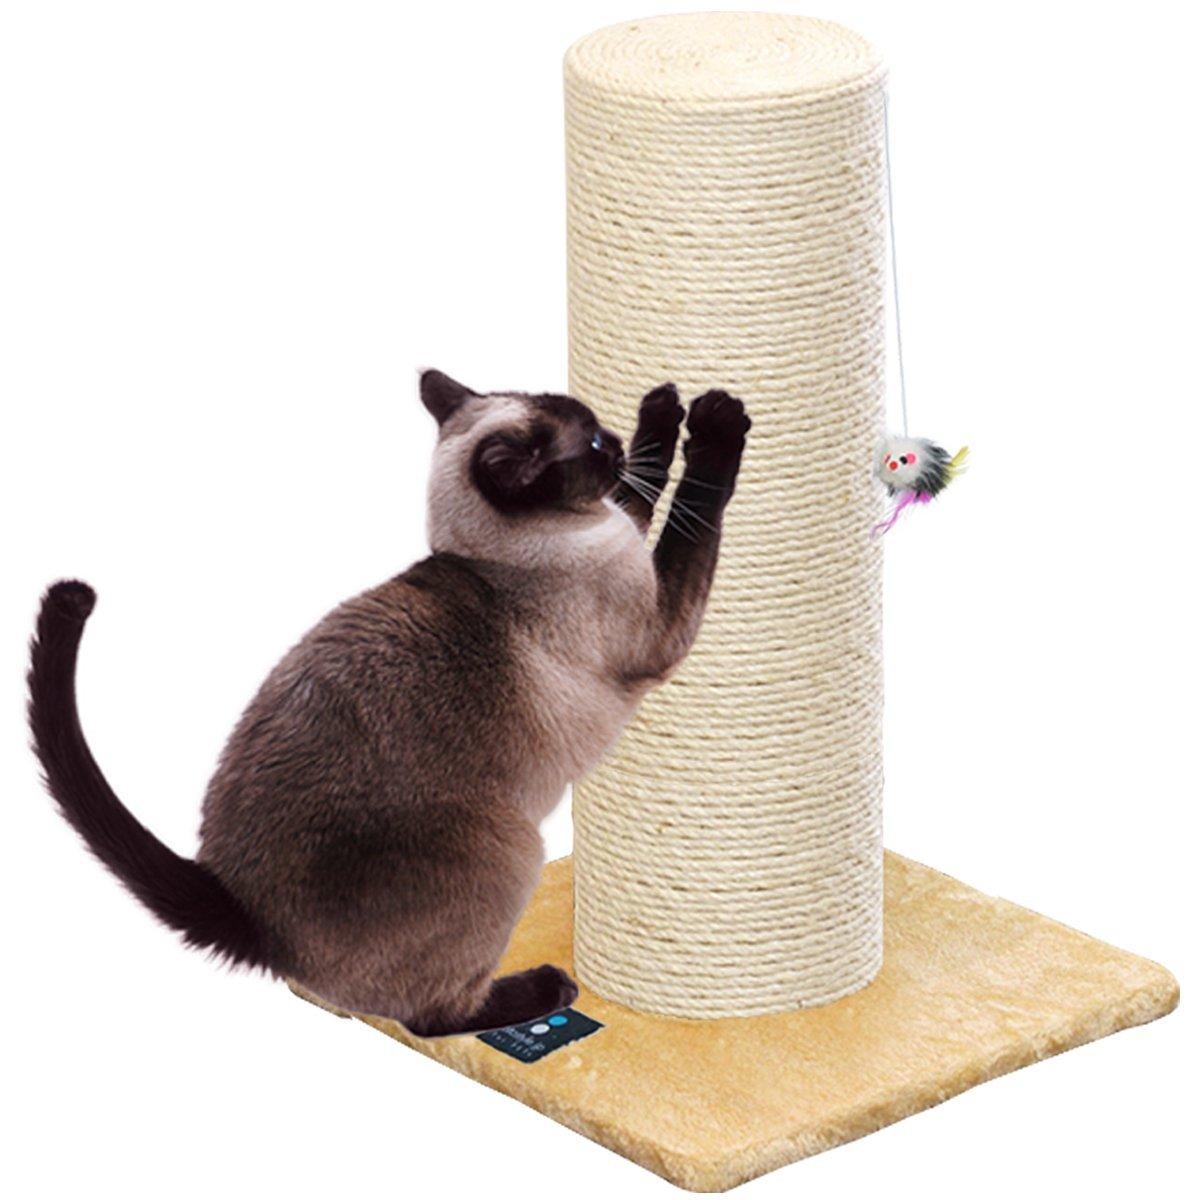 〈1年保証〉爪とぎ 猫 ねこ 麻 綿 縄巻き 直径 20cm 極太 ポール つめとぎ ネコ 爪とぎポール 爪研ぎ 爪みがき キャットツリー ミニ 据え置き 猫タワー 猫用品 ペット用 おもちゃ お手入れ 猫カフェ[送料無料][あす楽]